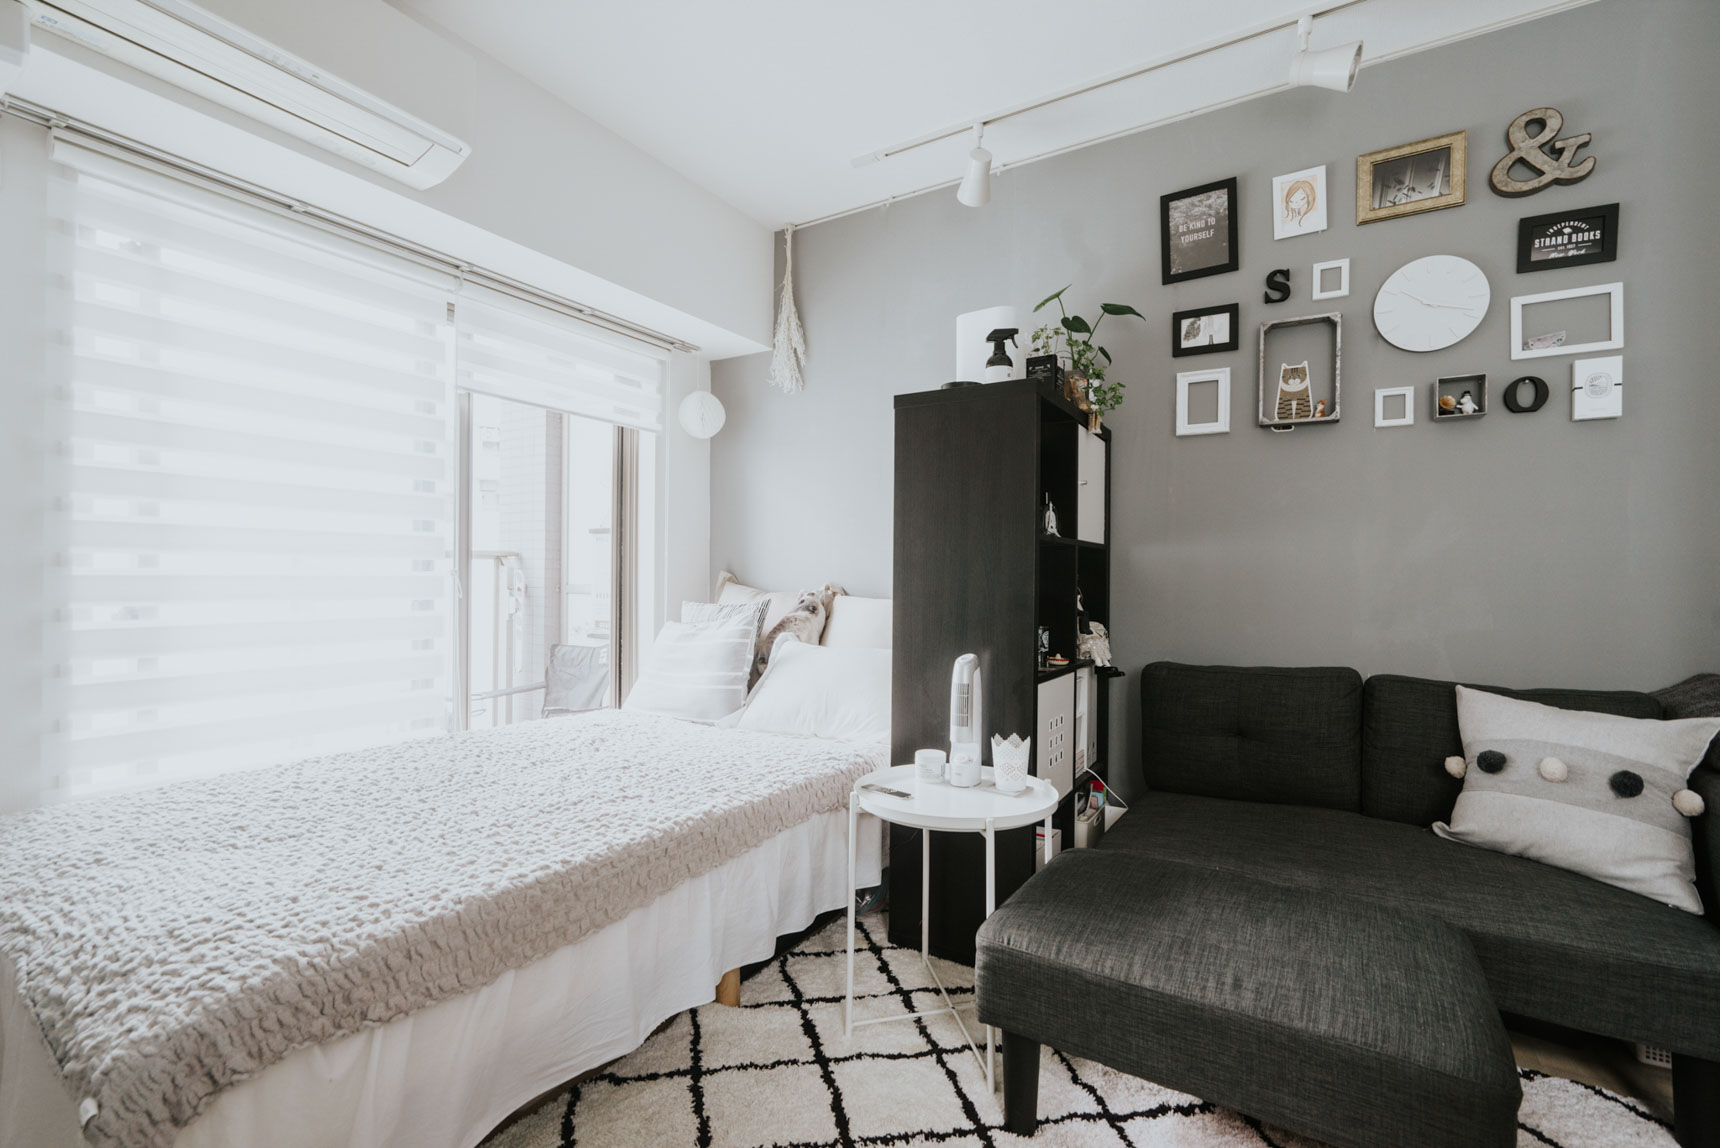 こちらの方はベッドやソファなどが置いてある壁をあえてグレーの壁紙に。遊び心のあるかわいらしいアイテムを飾ると、一層印象が変わりますね。